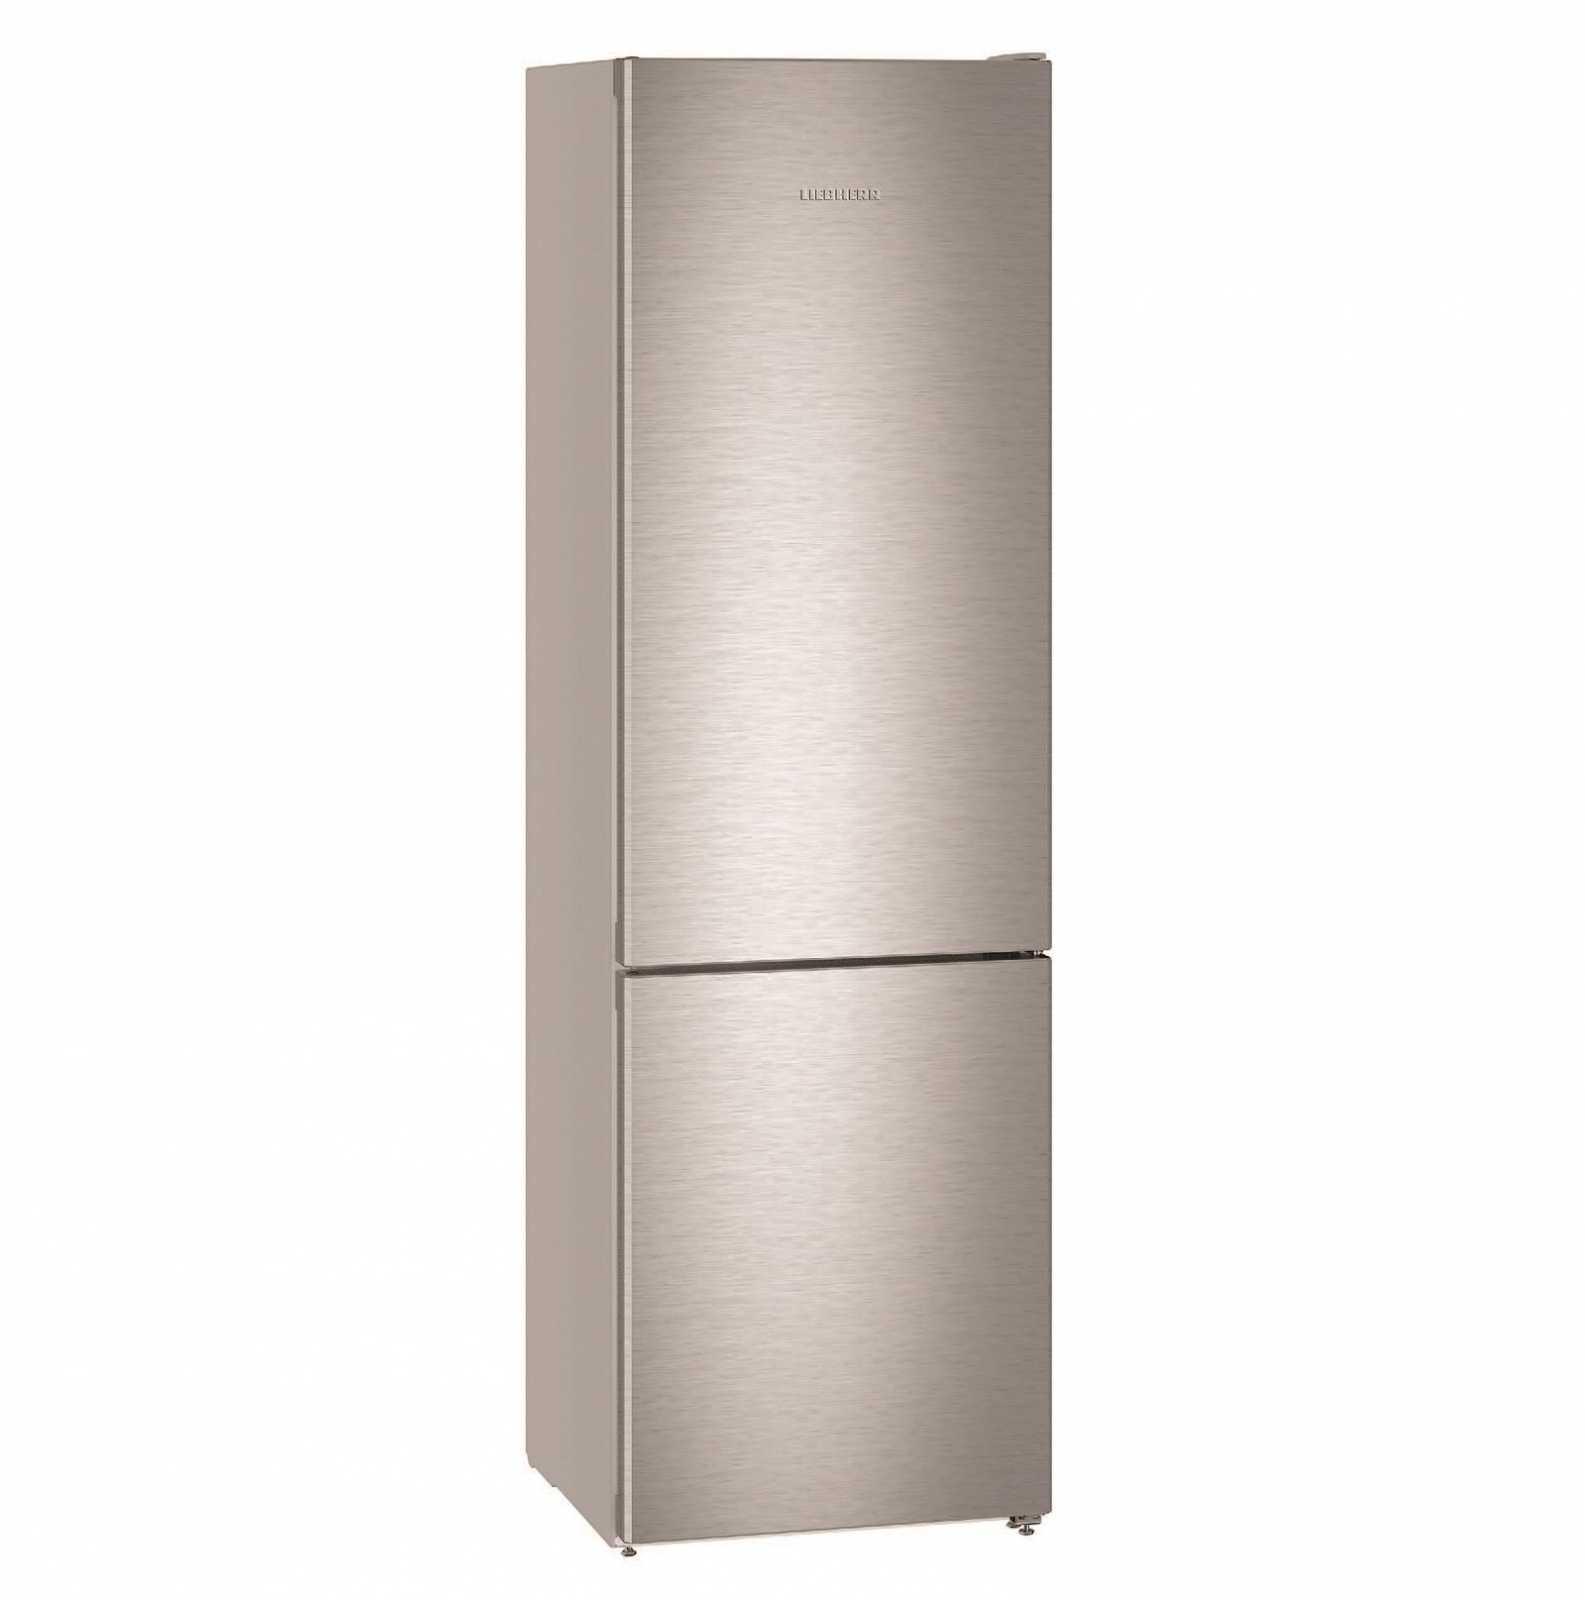 купить Двухкамерный холодильник Liebherr CNef 4813 Украина фото 1